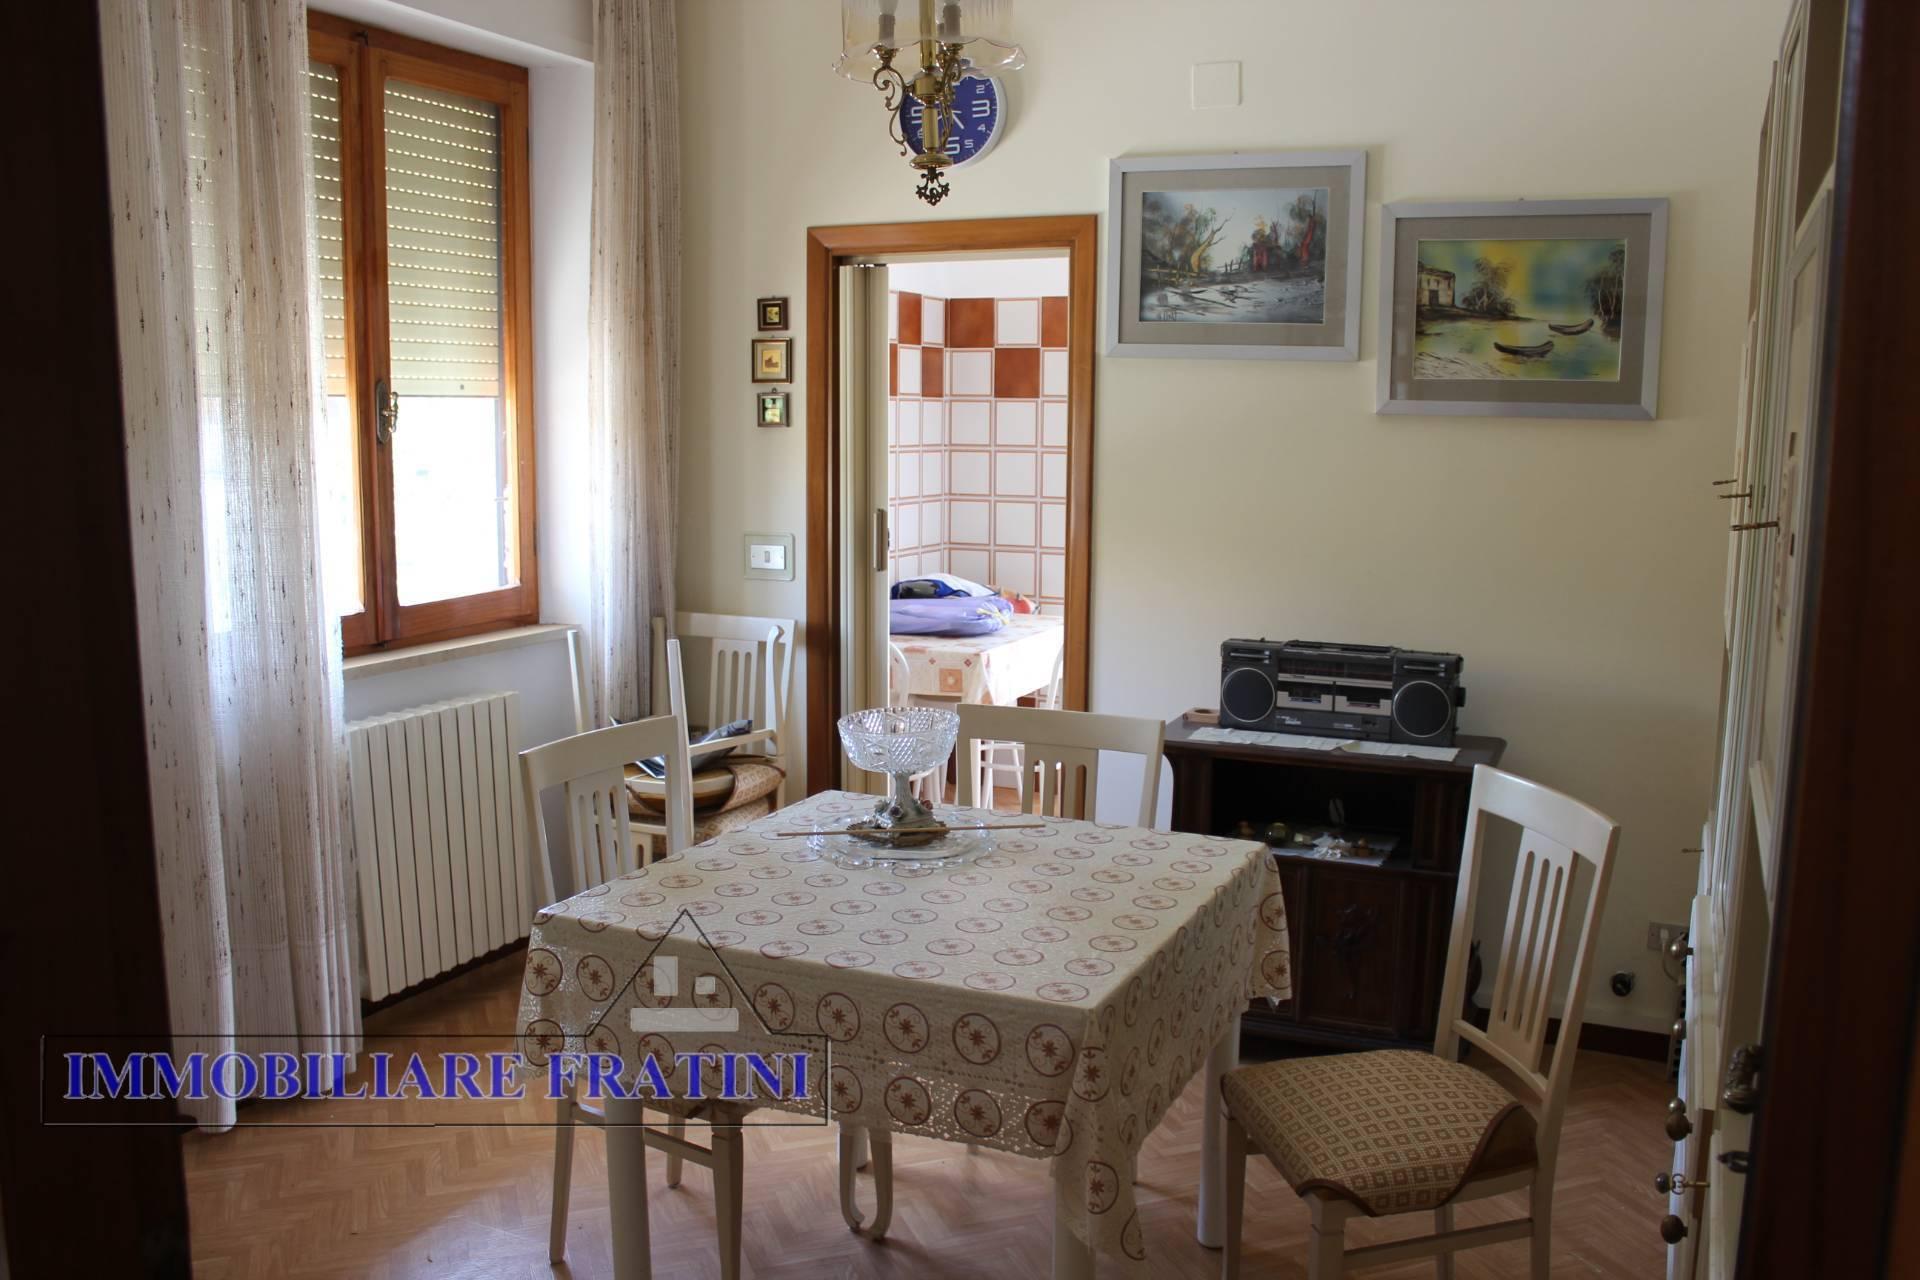 Appartamento in vendita a Folignano, 6 locali, zona Località: PianediMorro, prezzo € 174.000   PortaleAgenzieImmobiliari.it